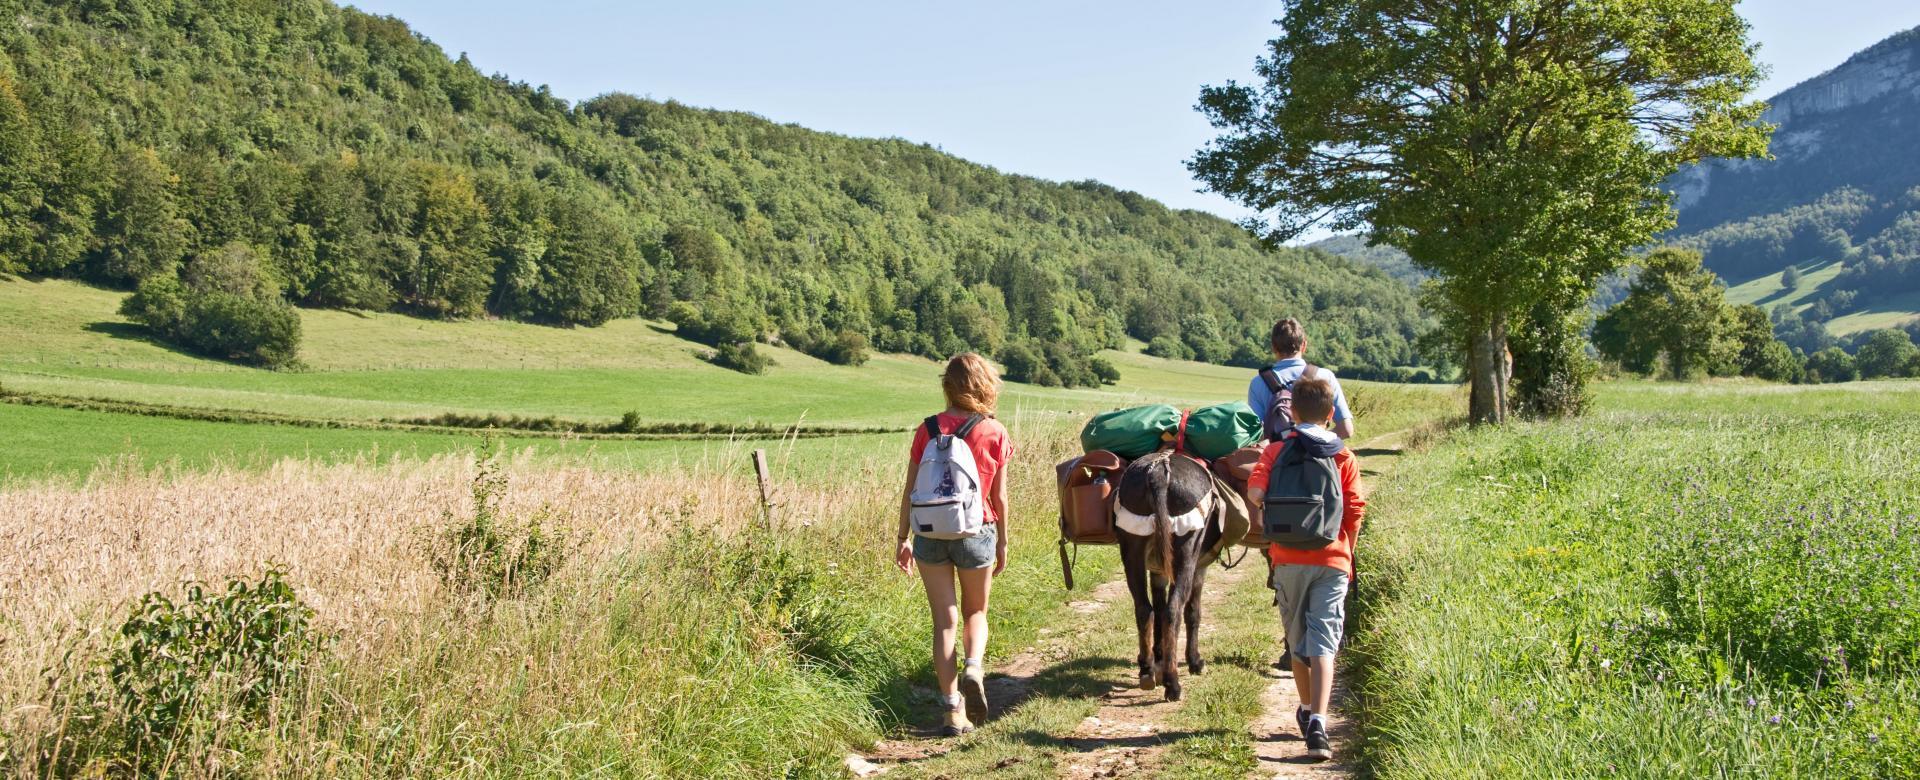 Voyage à pied : Escapade sportive entre vercors et provence